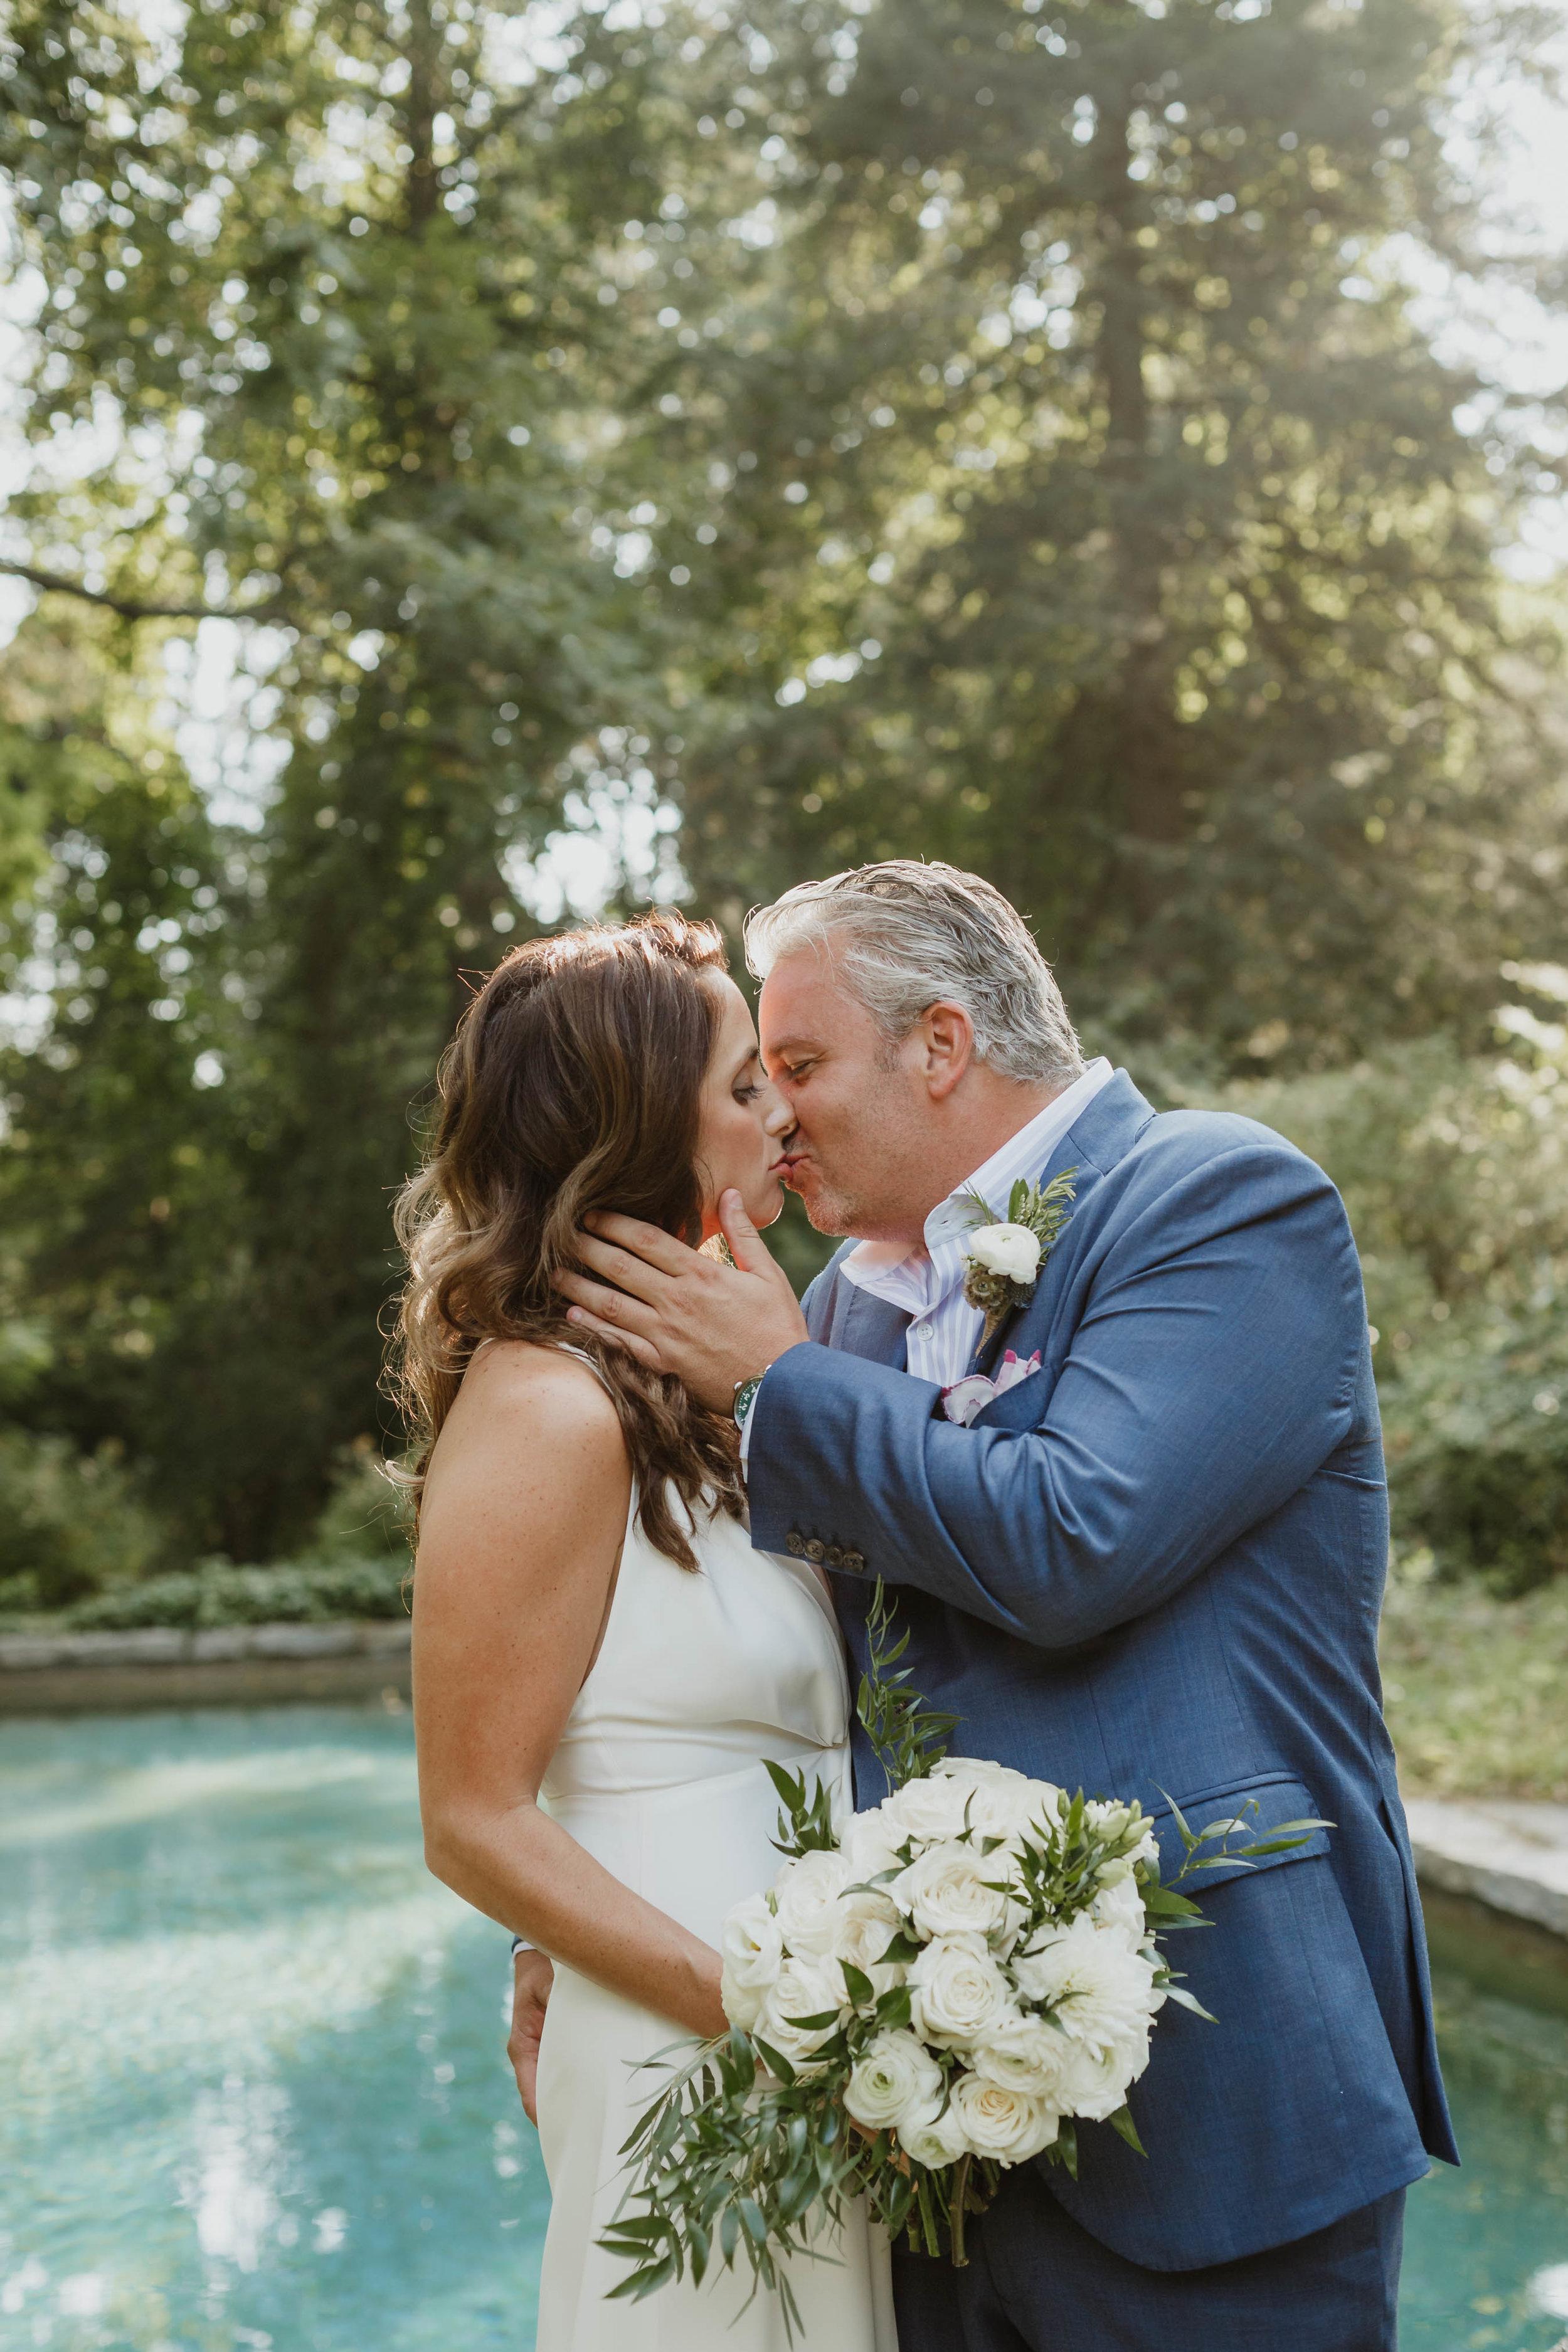 fairfield-county-connecticut-backyard-wedding-photographer--43.jpg